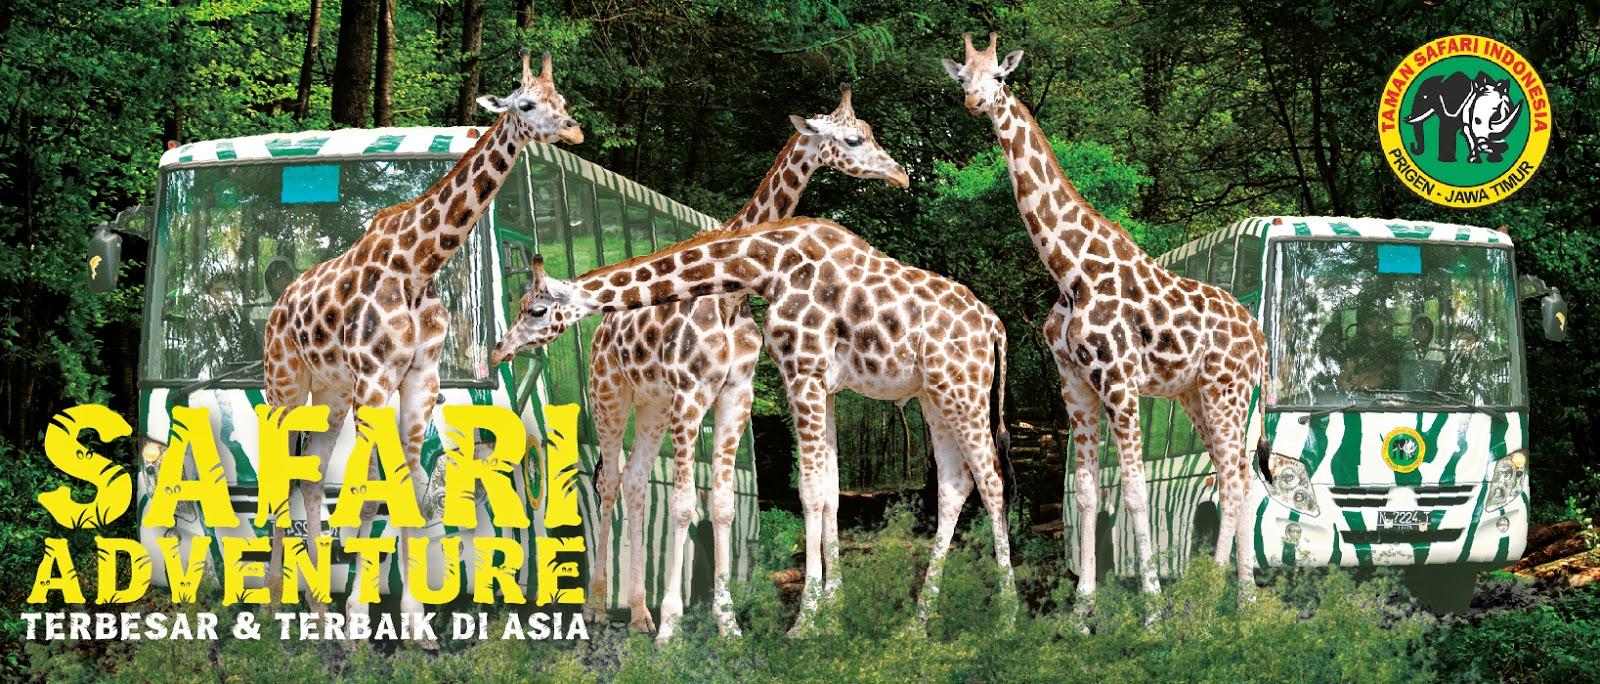 Clu Bp4 Business Function Studi Excursie Di Taman Safari